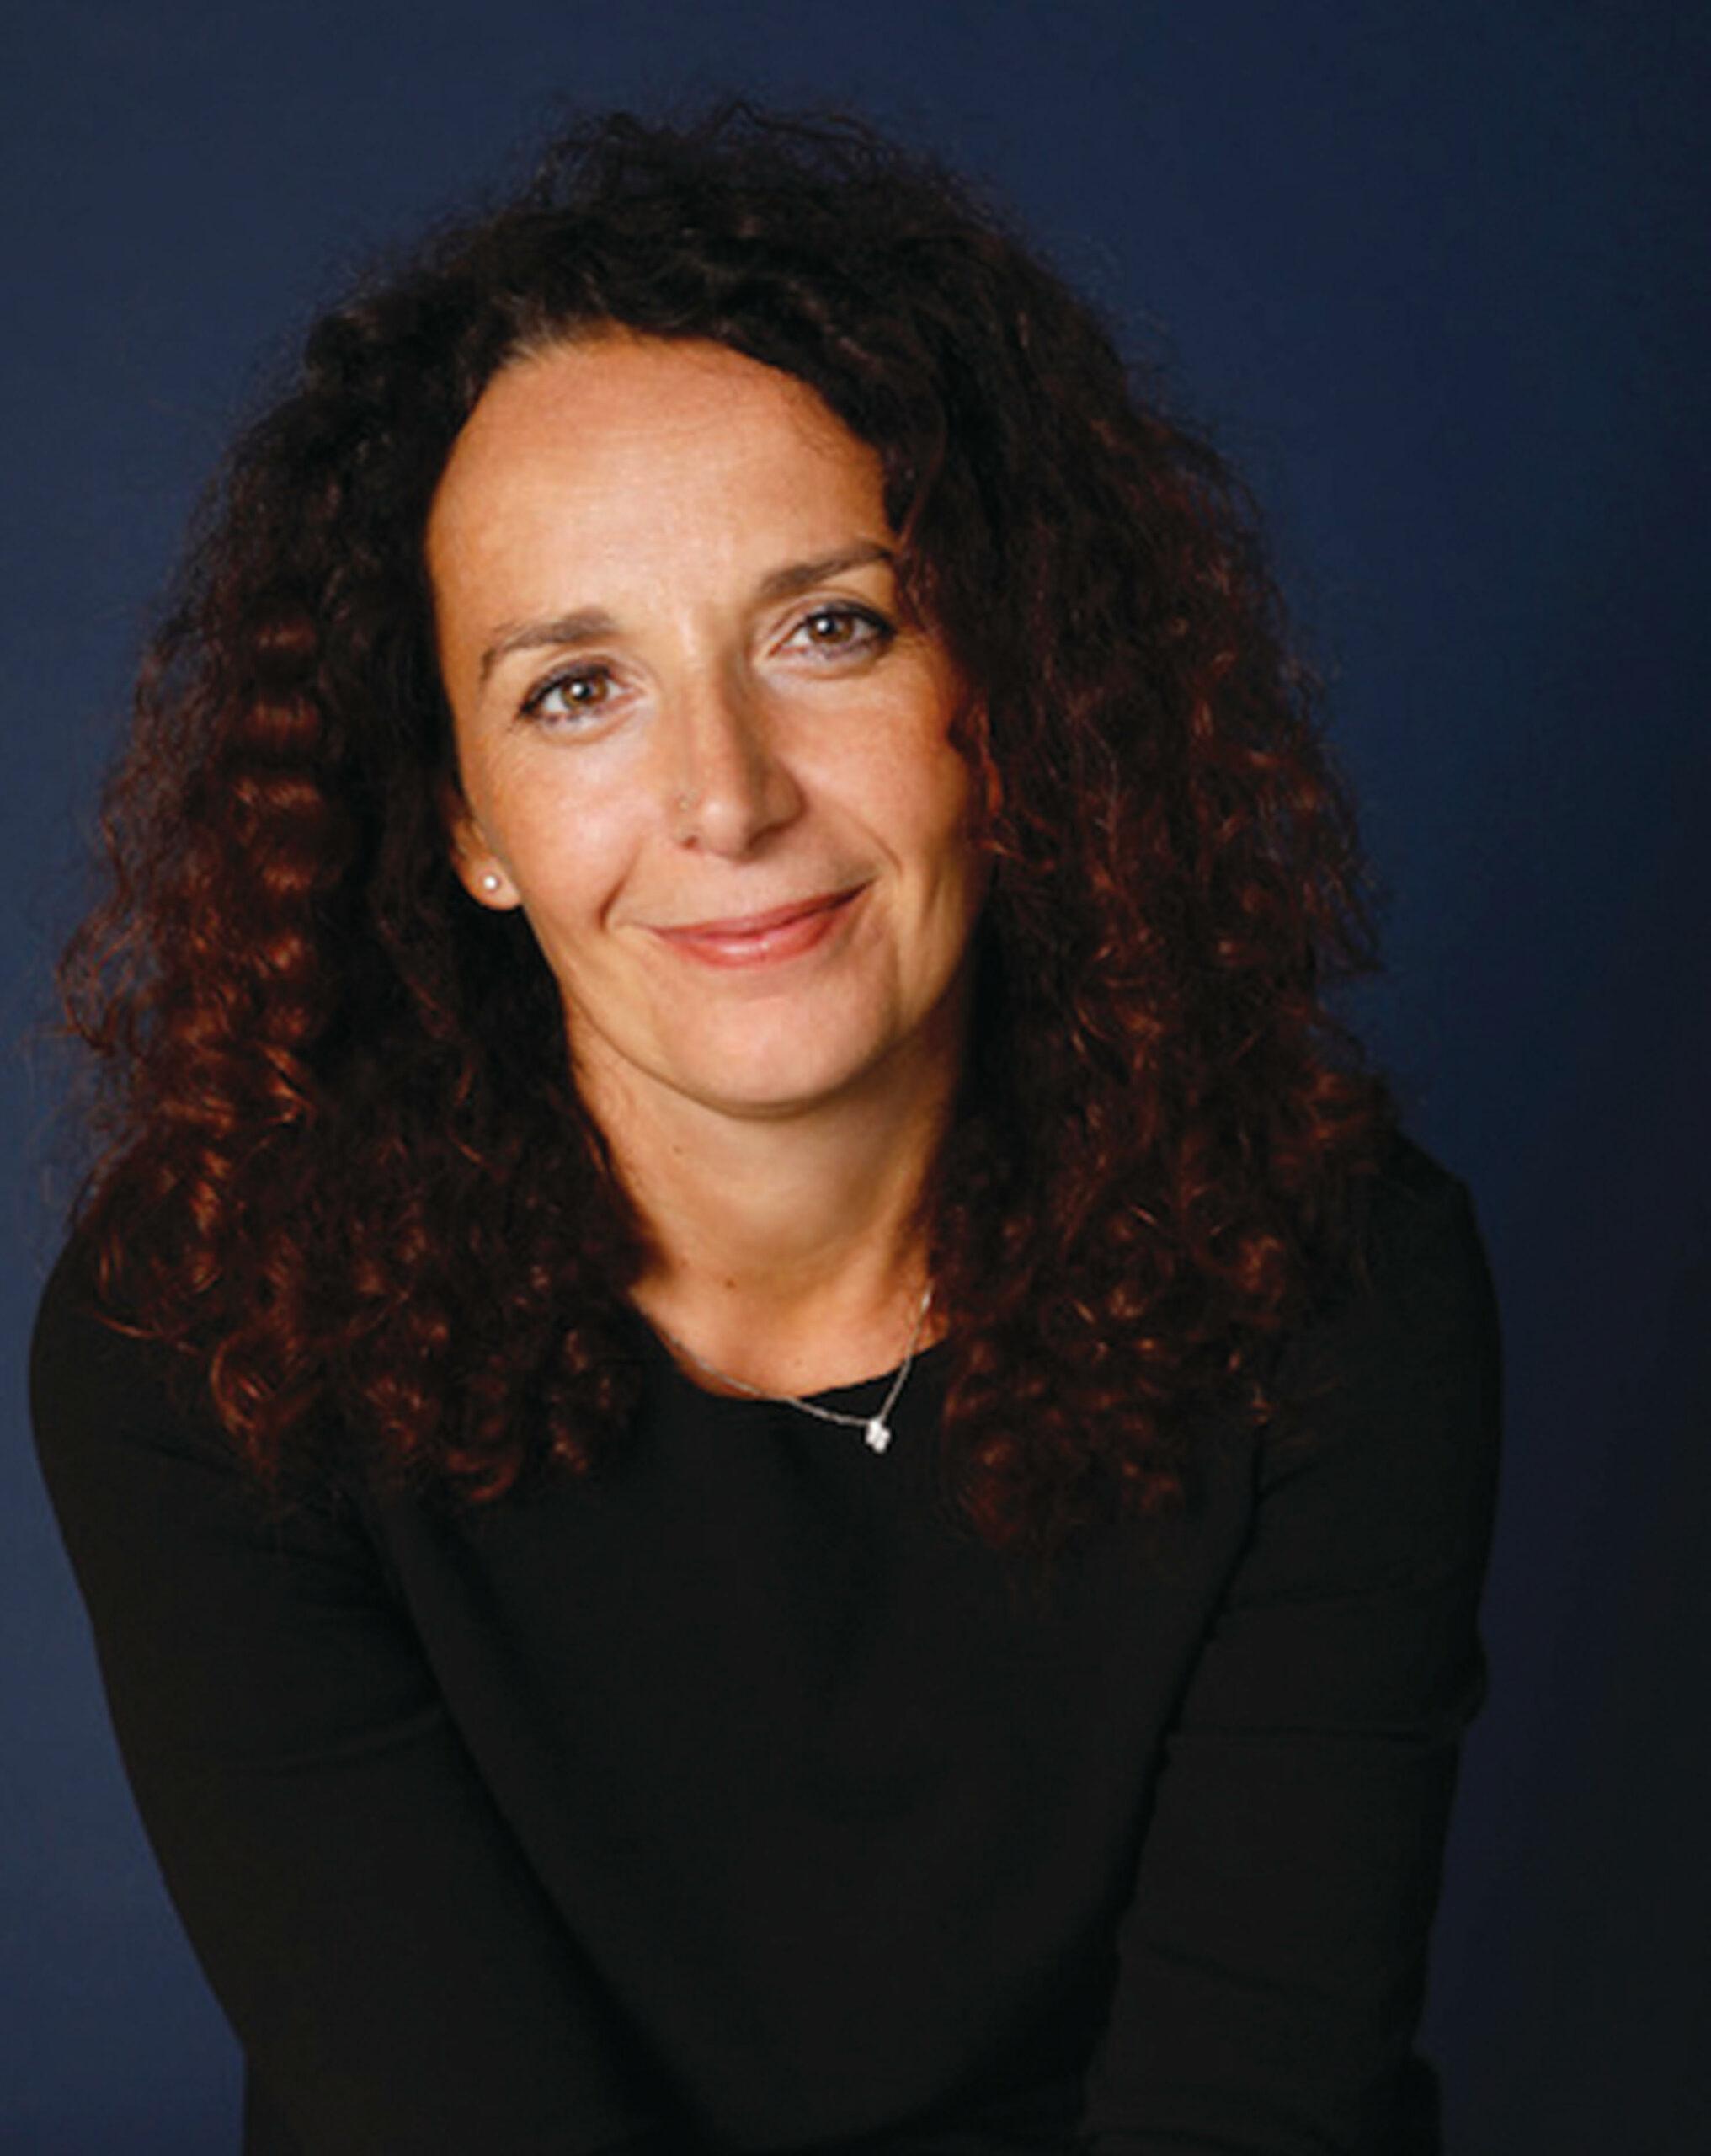 Marianna Ghirlanda